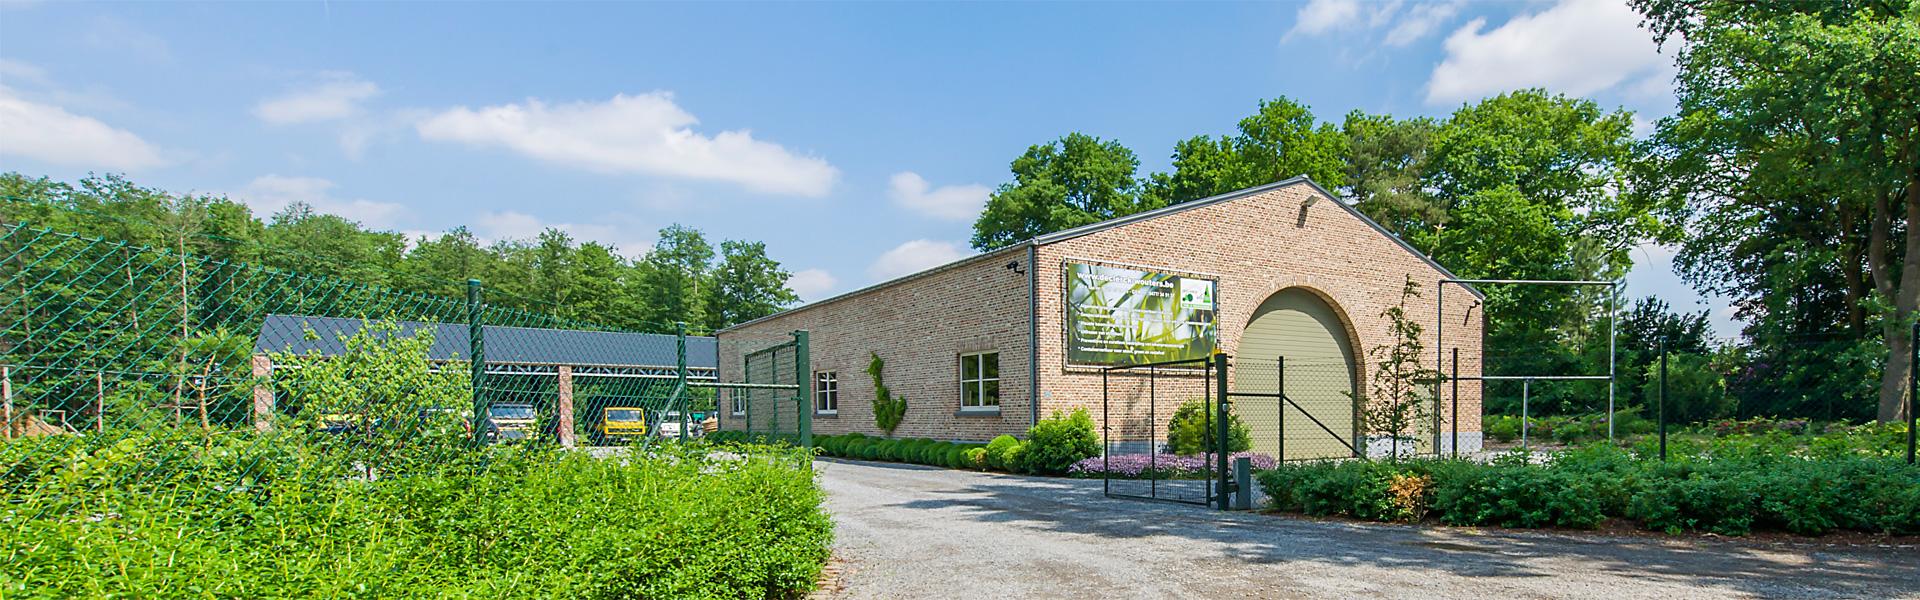 Boomstronken verwijderen - Groenbedrijf Limburg